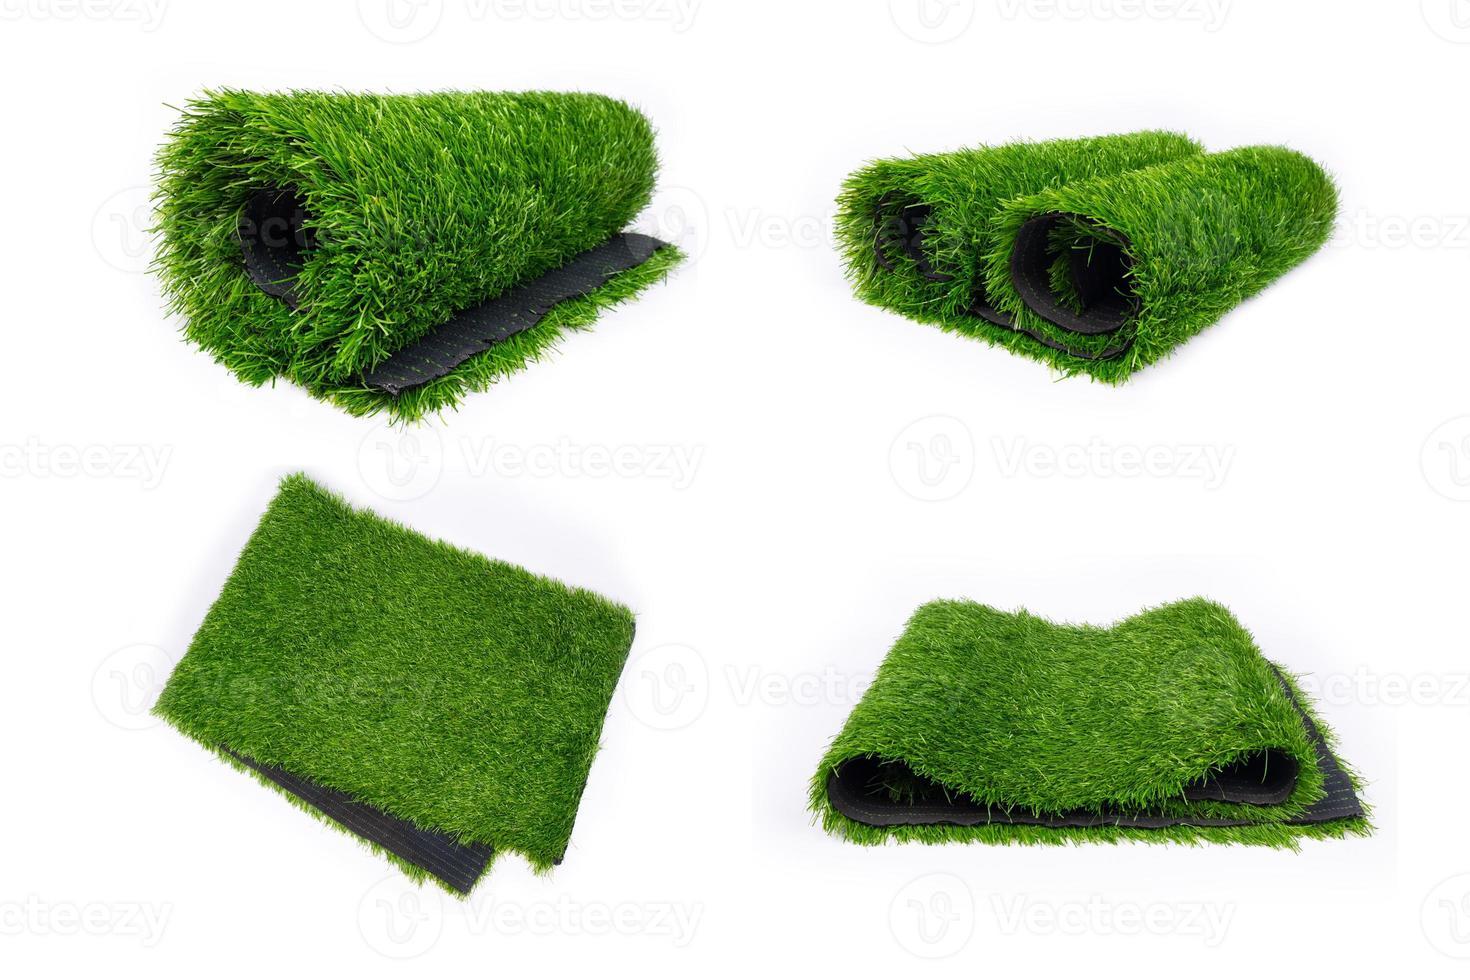 rollos de césped verde de plástico, alfombrilla para campos deportivos foto